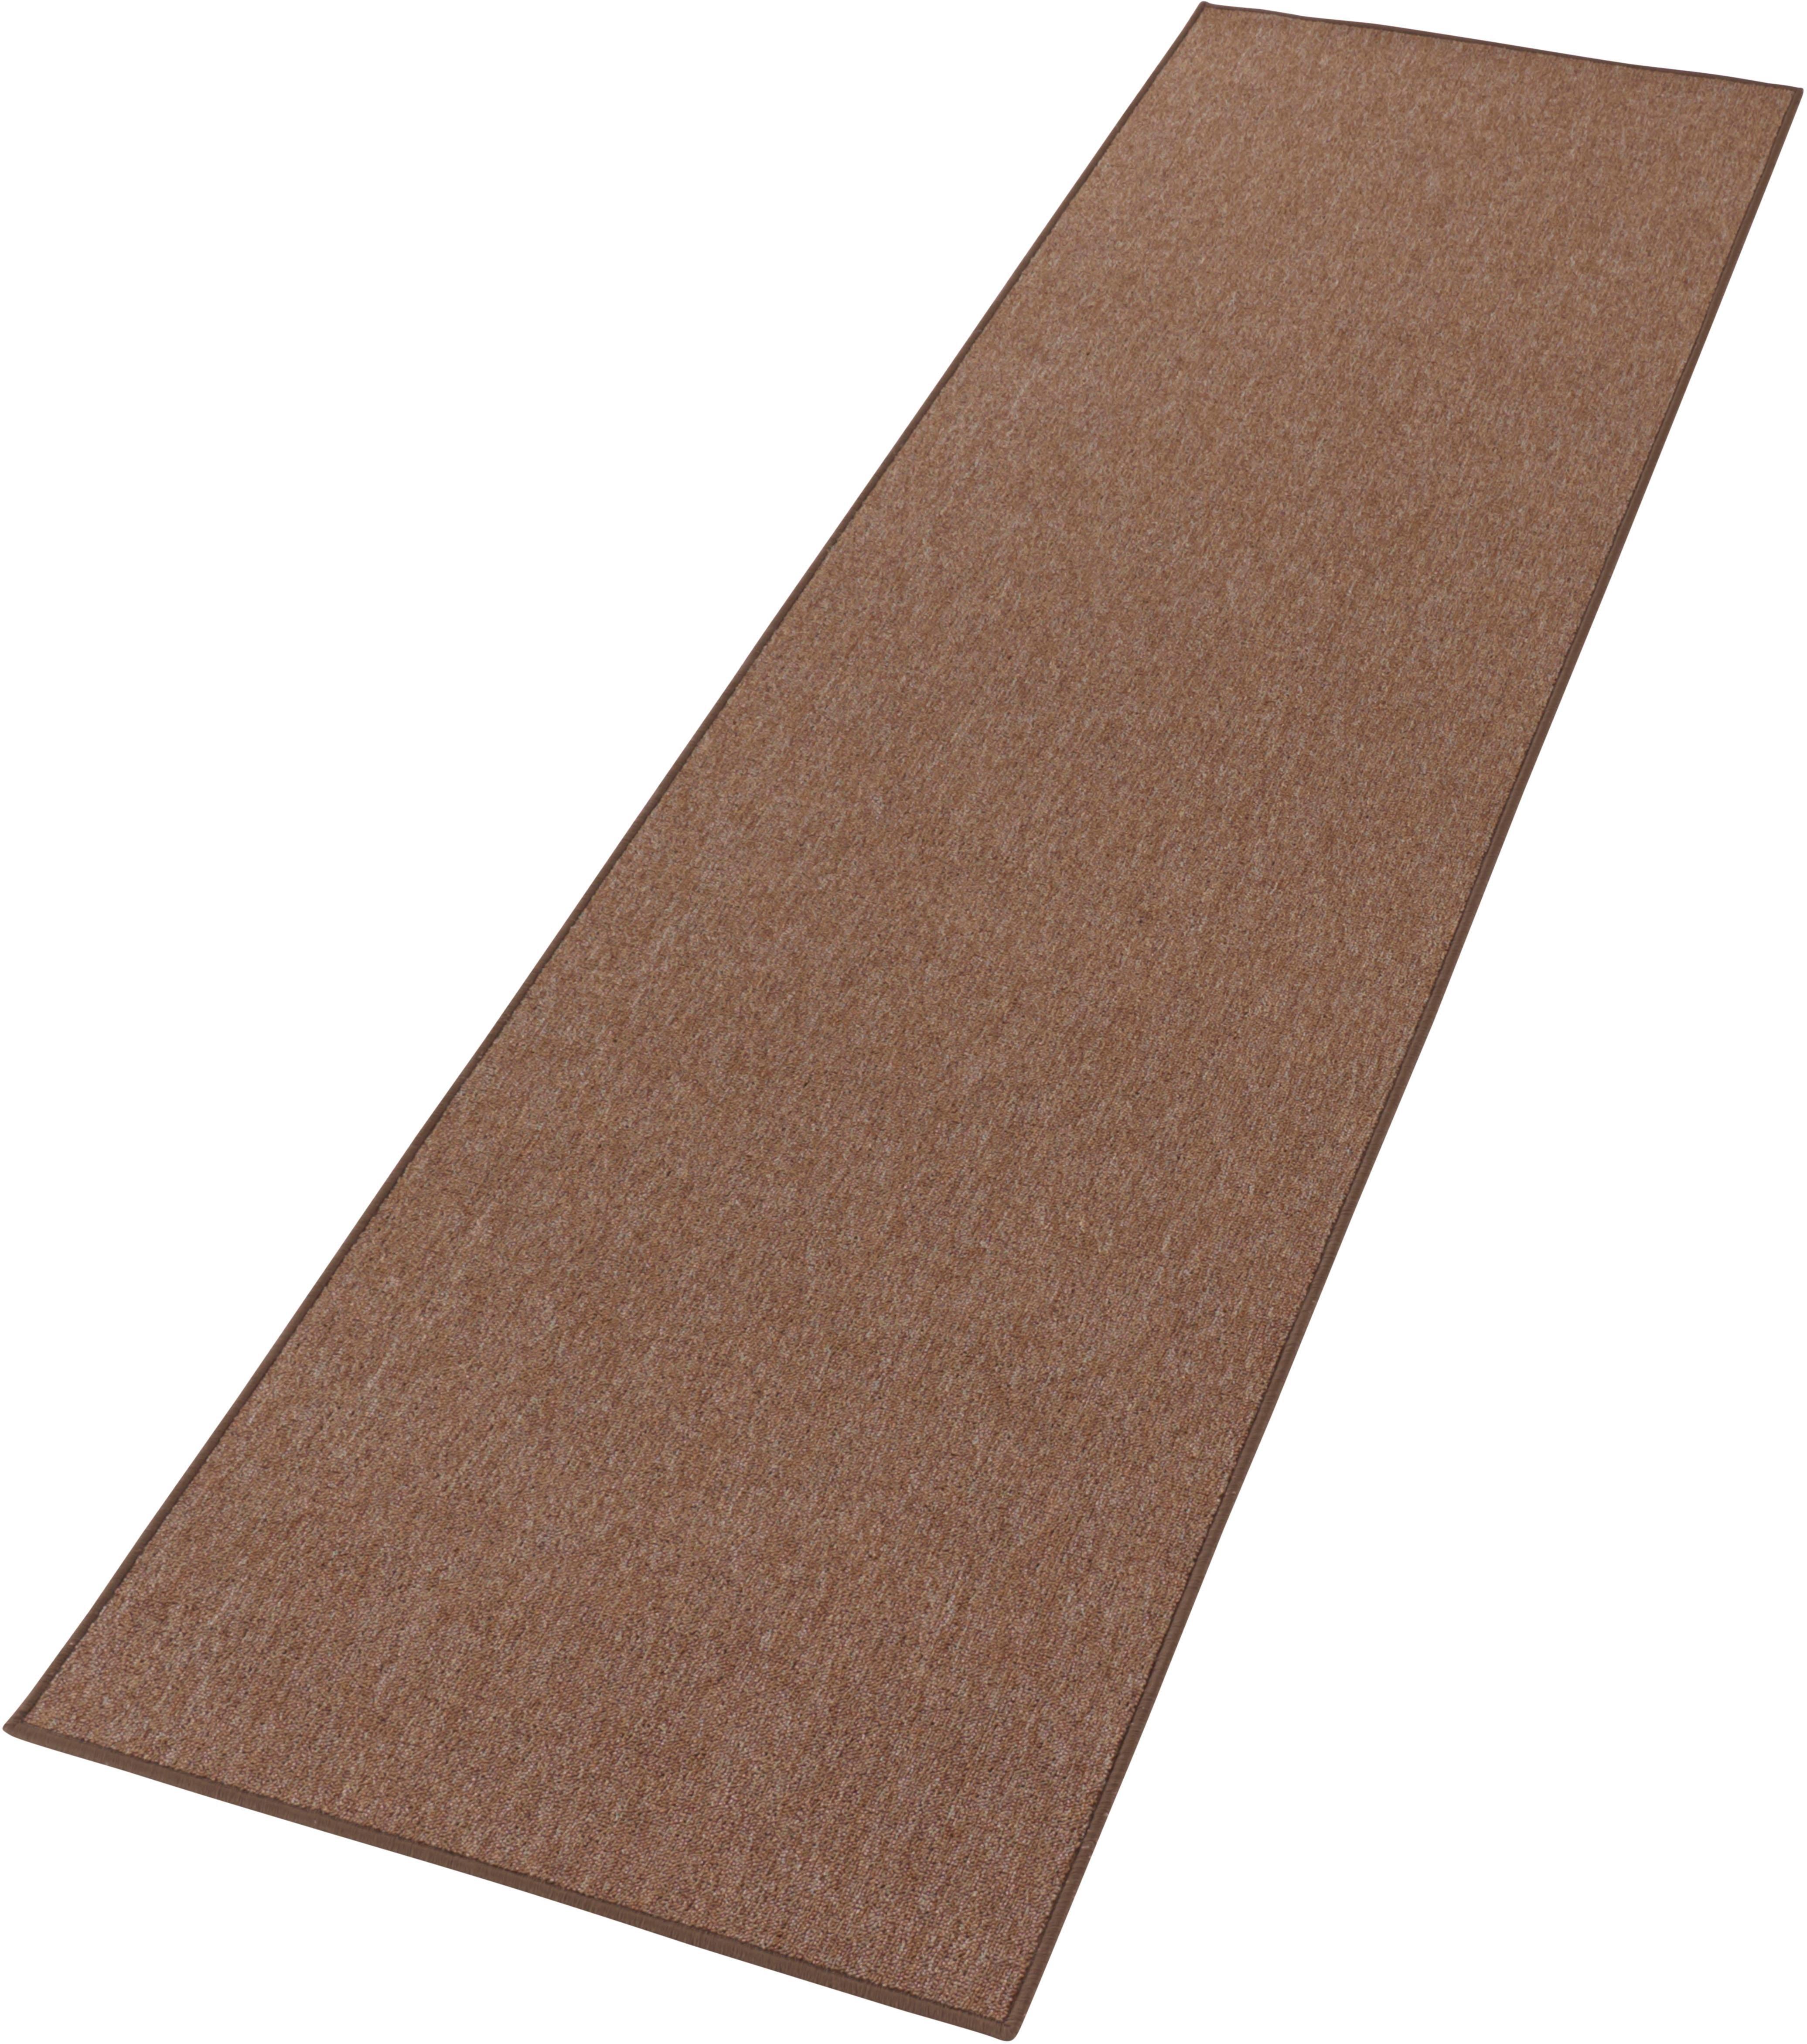 Op zoek naar een BT Carpet Loper Casual Laagpolig? Koop online bij OTTO